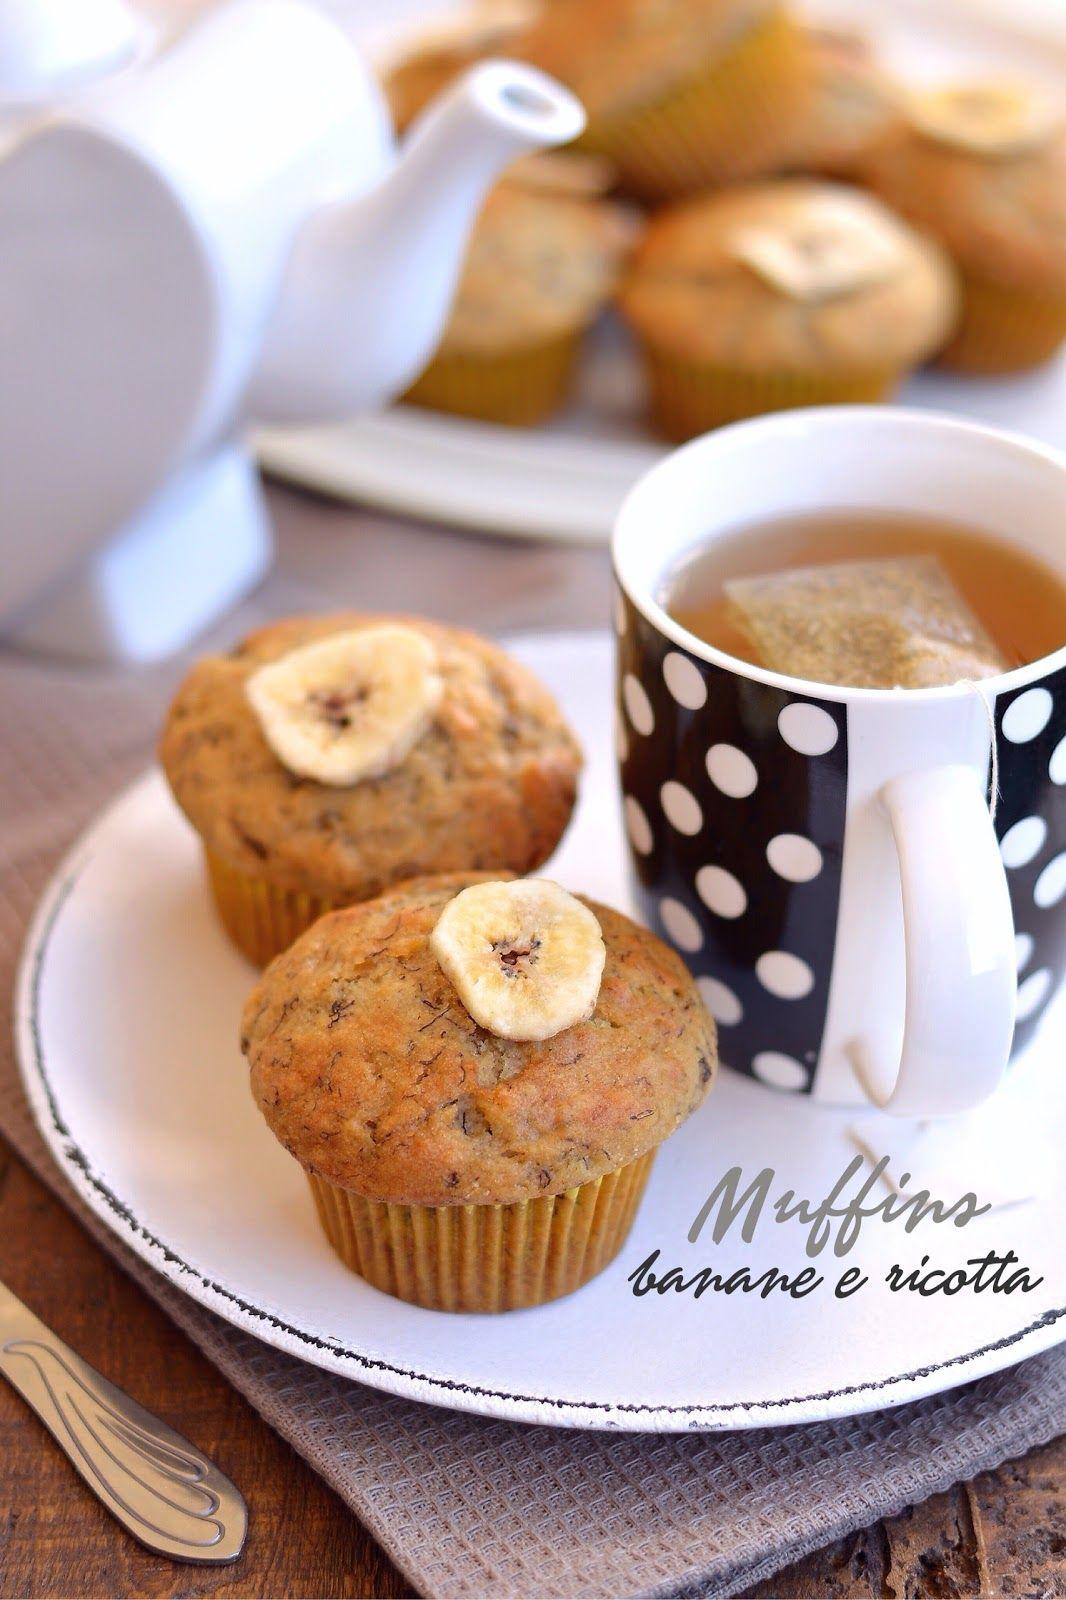 Buongiorno e benvenuti a colazione da Sprinklesdress!!  Stamattina sarò lieta di offrirvi una tazza di thè fumante accompagnata da un muf...